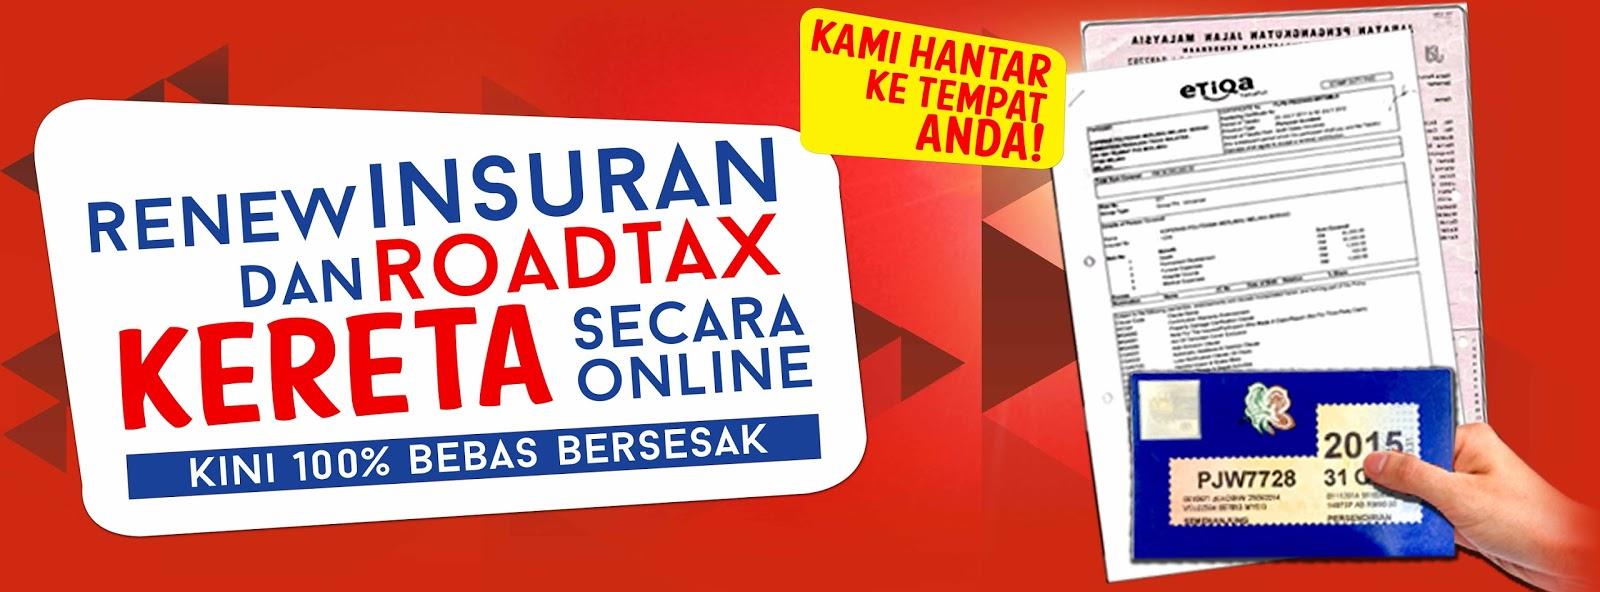 Etiqa Takaful Cara Memperbaharui Roadtax Dan Cukai Jalan Secara Online